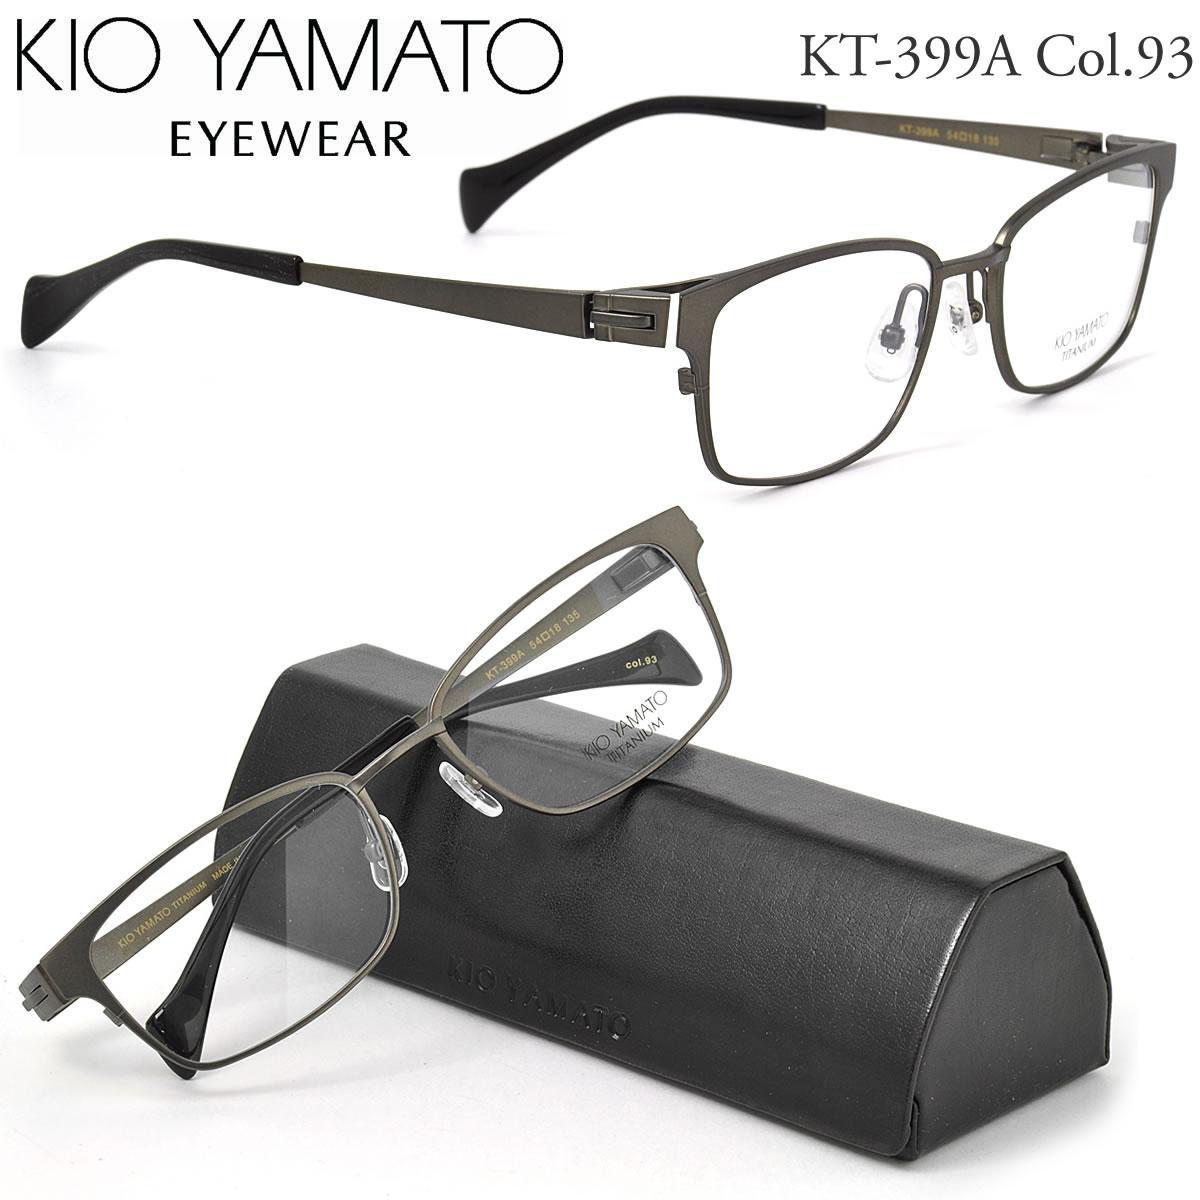 【KIO YAMATO メガネ】キオヤマト メガネフレーム KT-399A 93:メガネ・サングラスのThat's